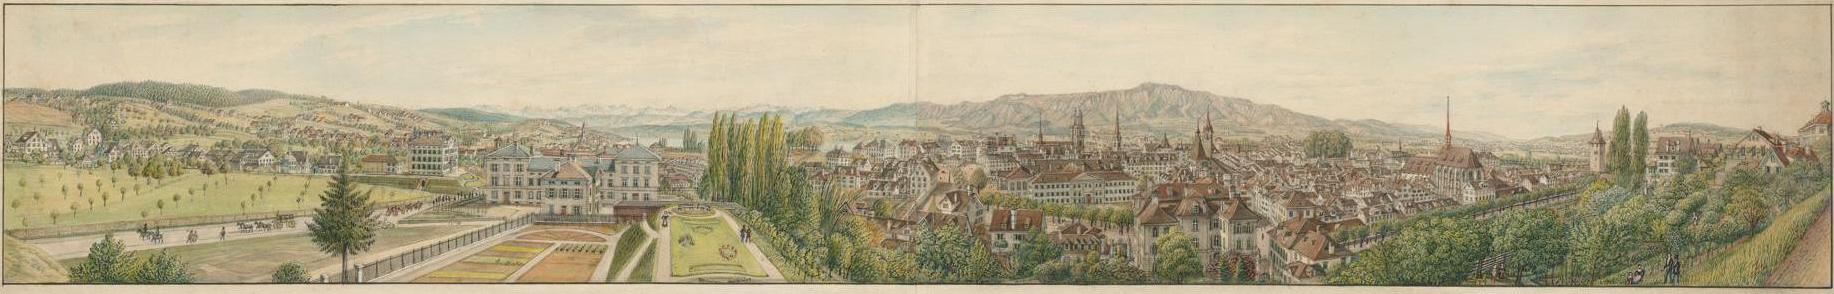 Manuskriptpanorama der Stadt Zürich, von der Schönberggasse aufgenommen, ca. 1844